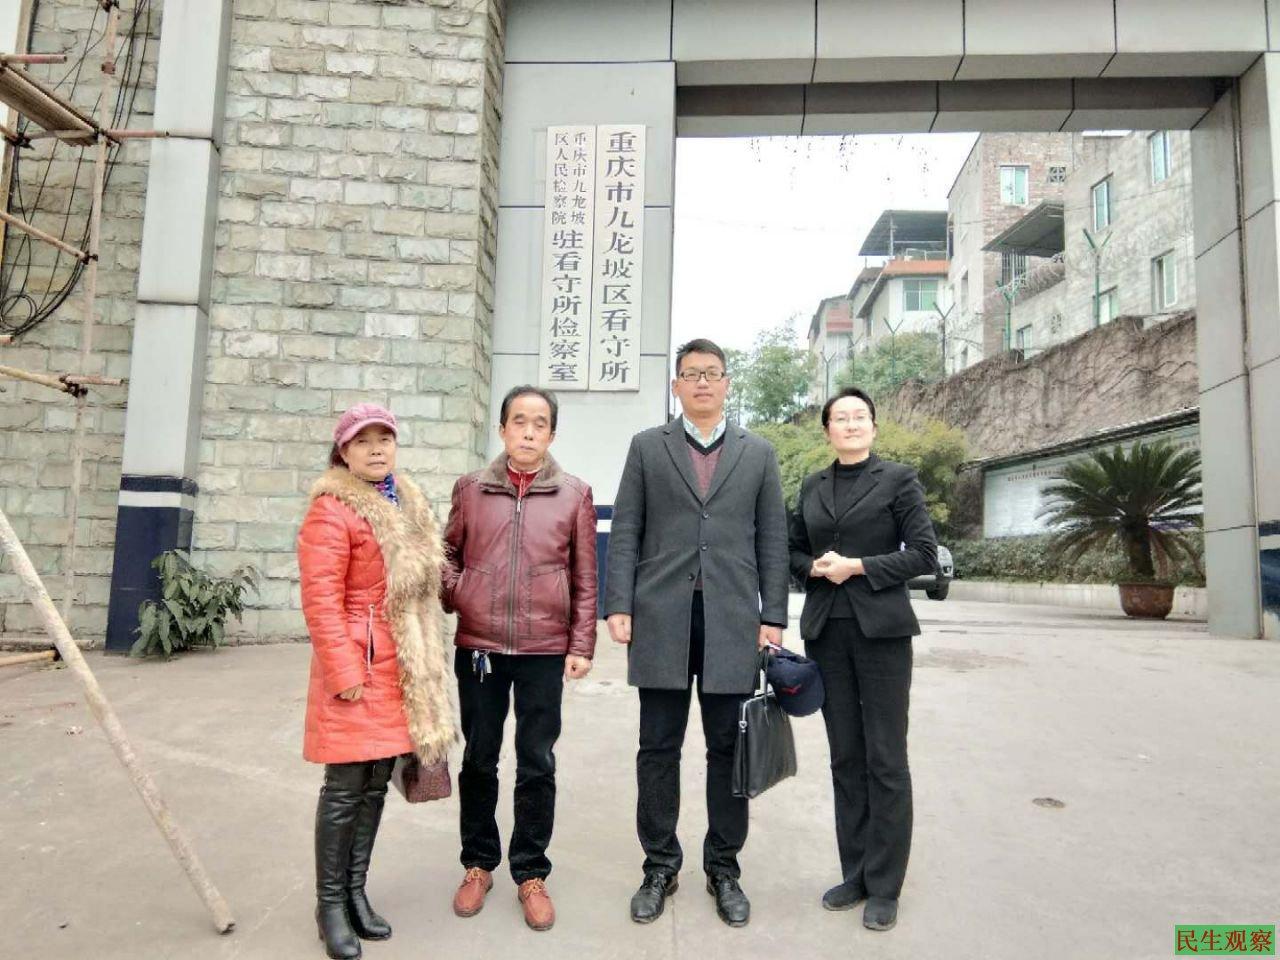 刘富祥等人被定为涉恶势力 律师申请会见遭拒